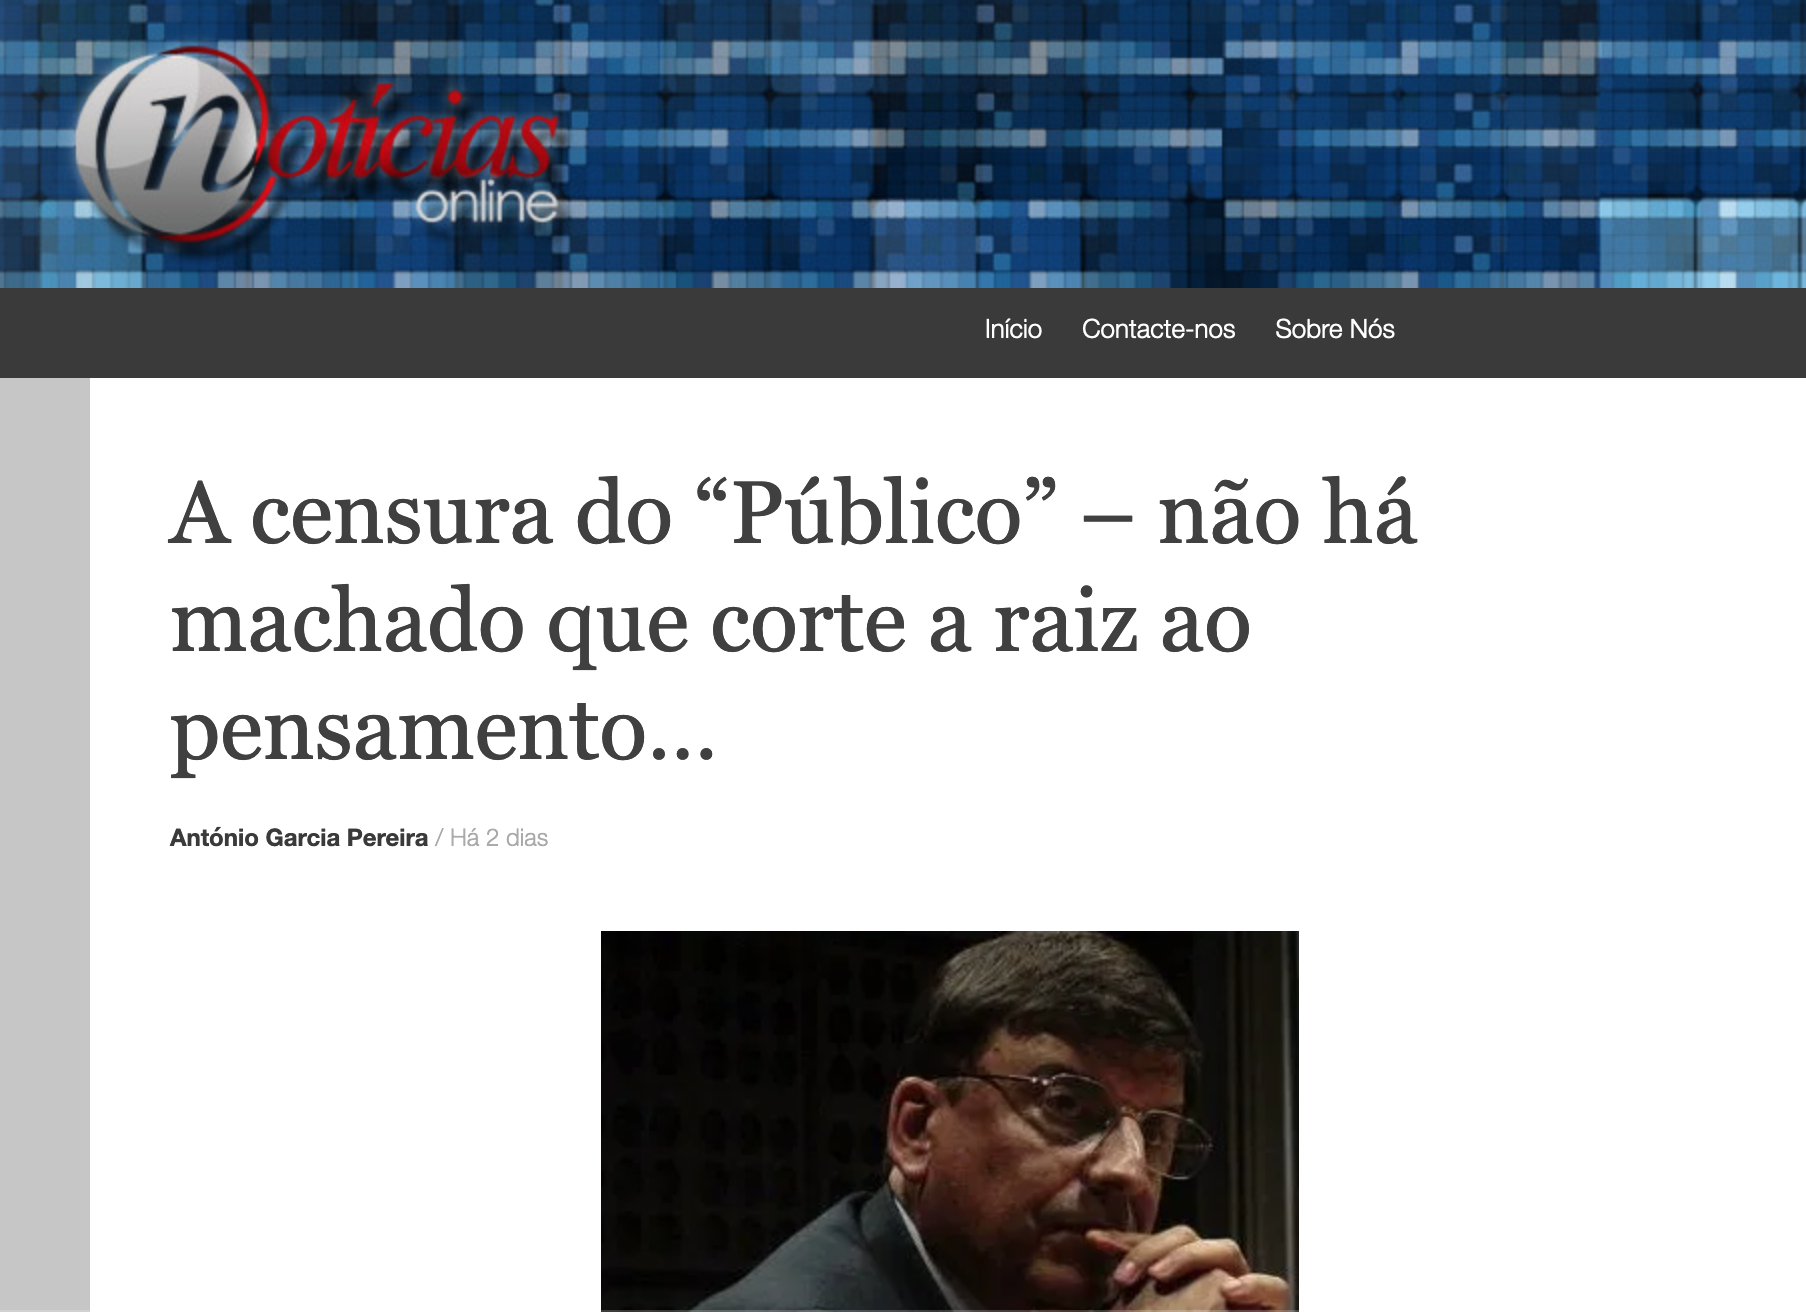 """A censura do """"Público"""" – não há machado que corte a raiz ao pensamento…"""